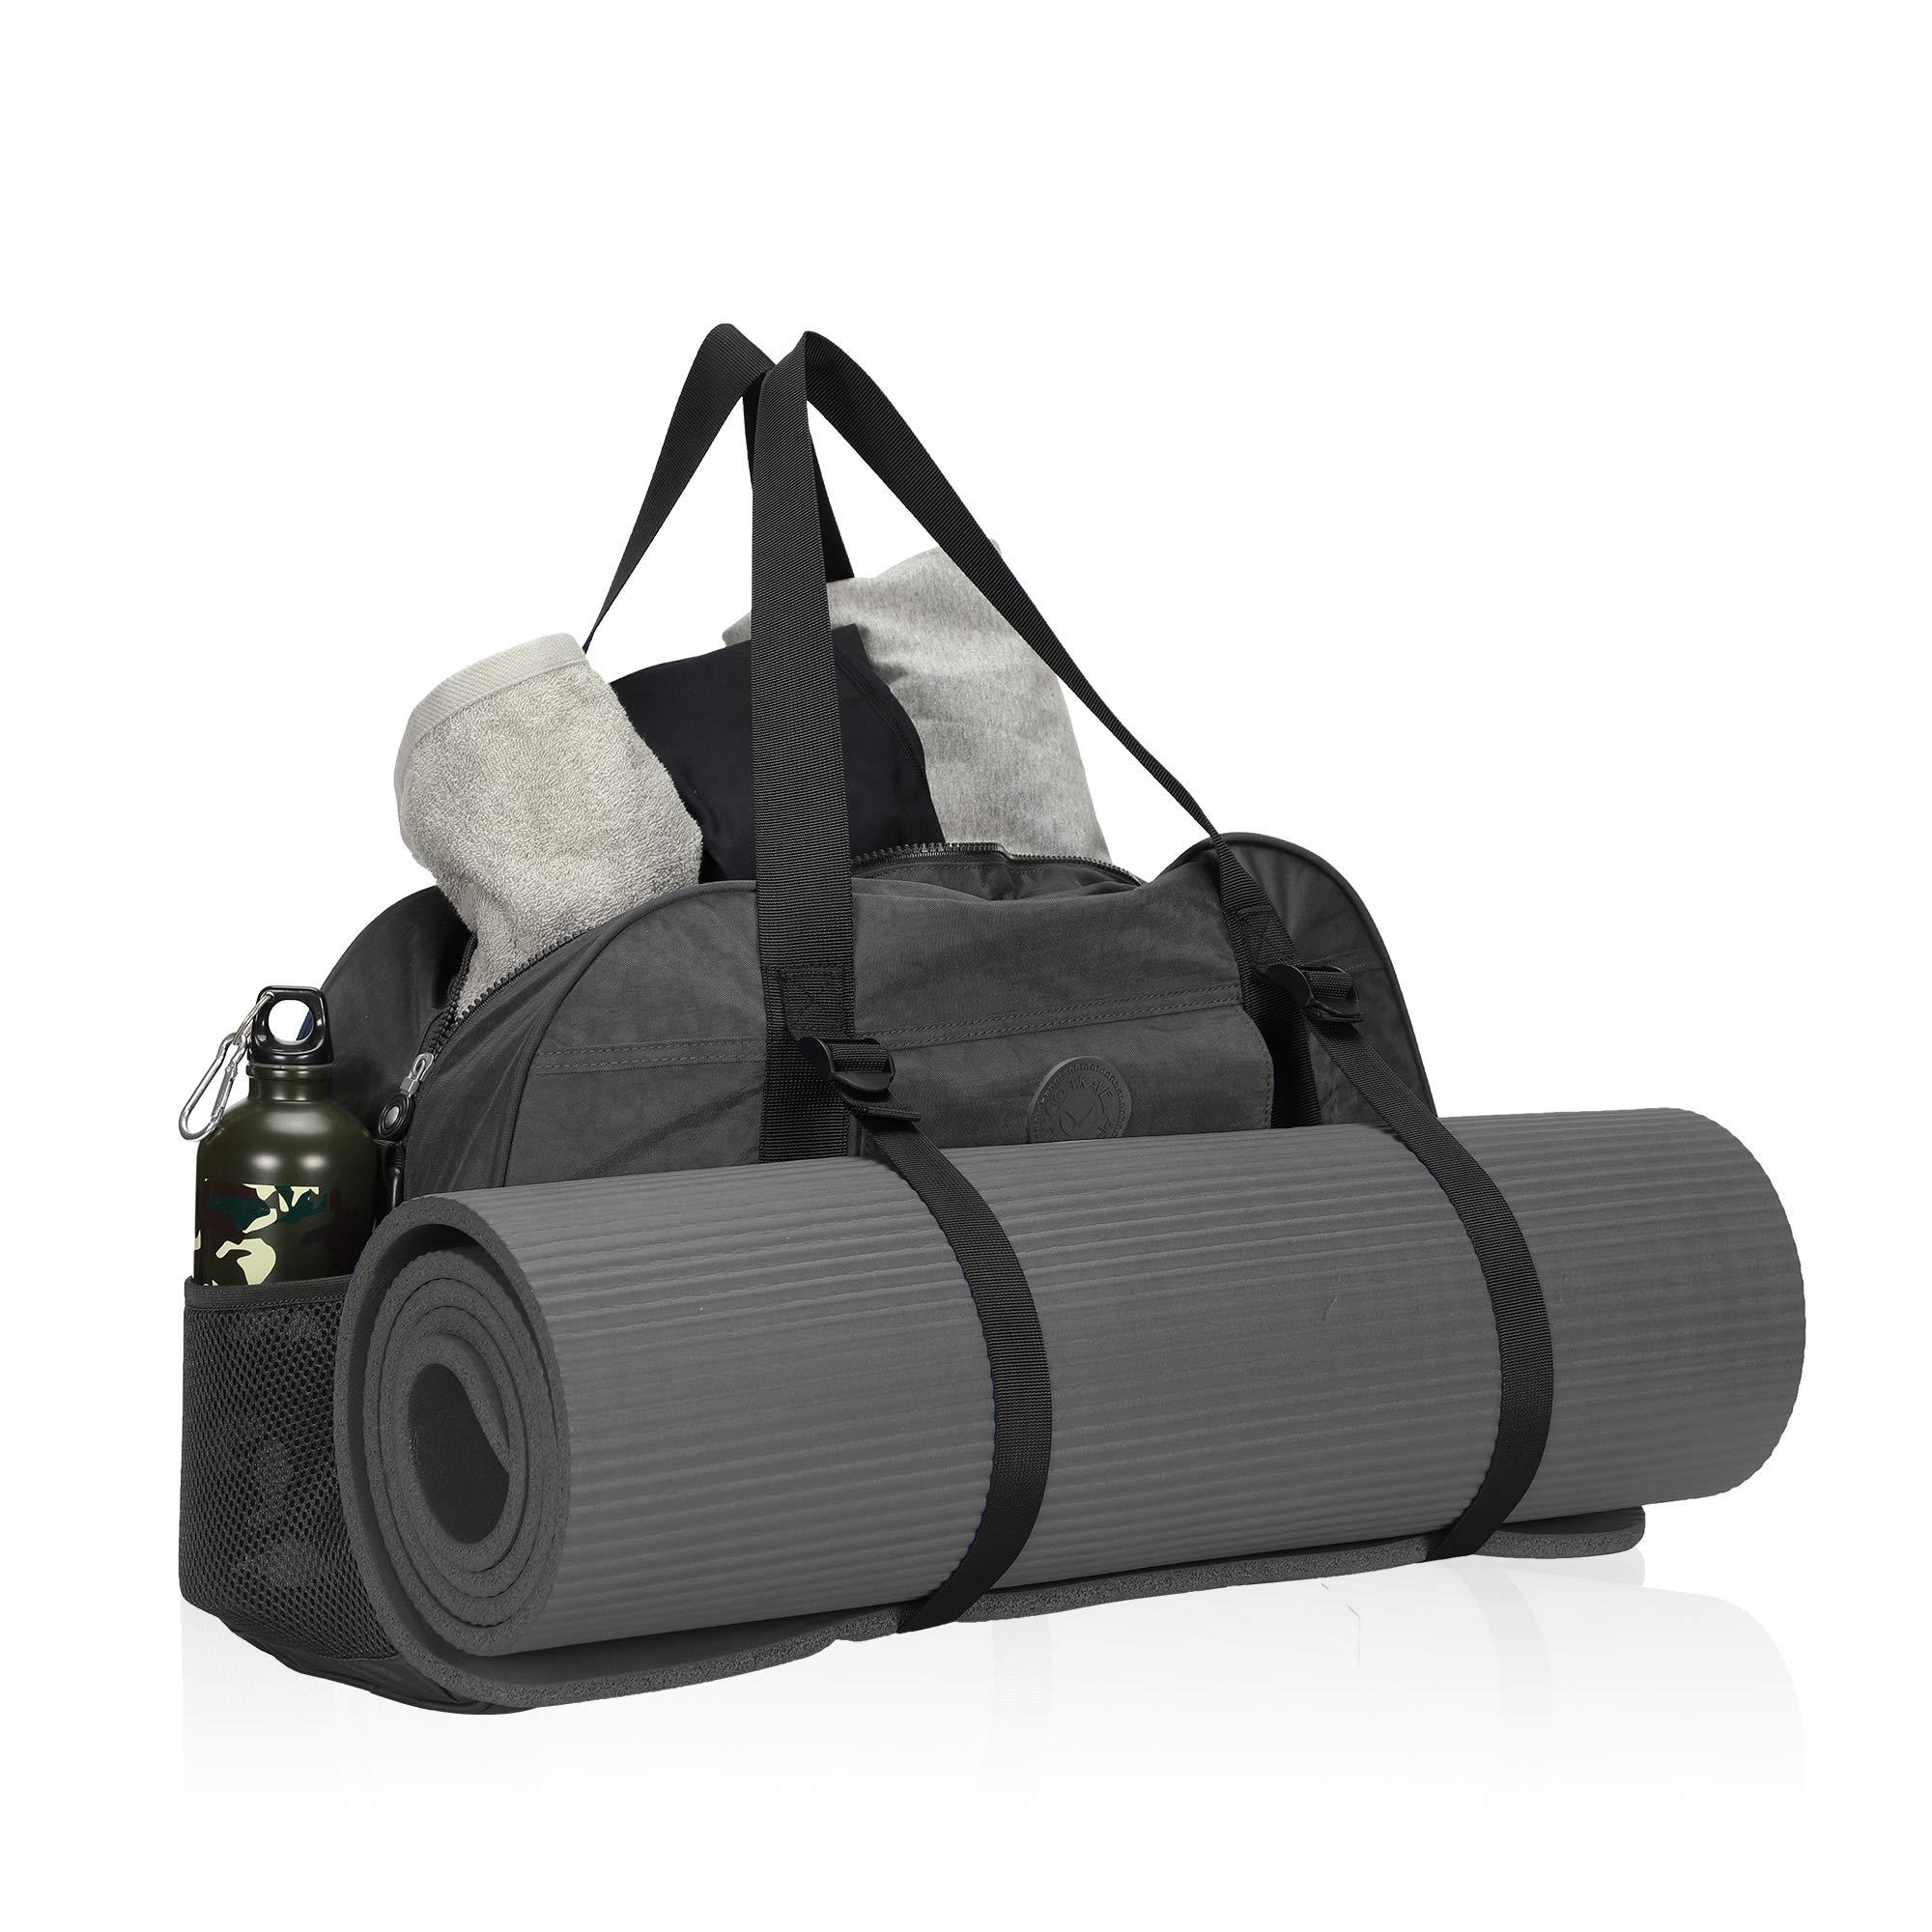 Hynes Eagle Yoga Mat Bag Sport Duffel for Gym Travel Bag 35L Grey 2018